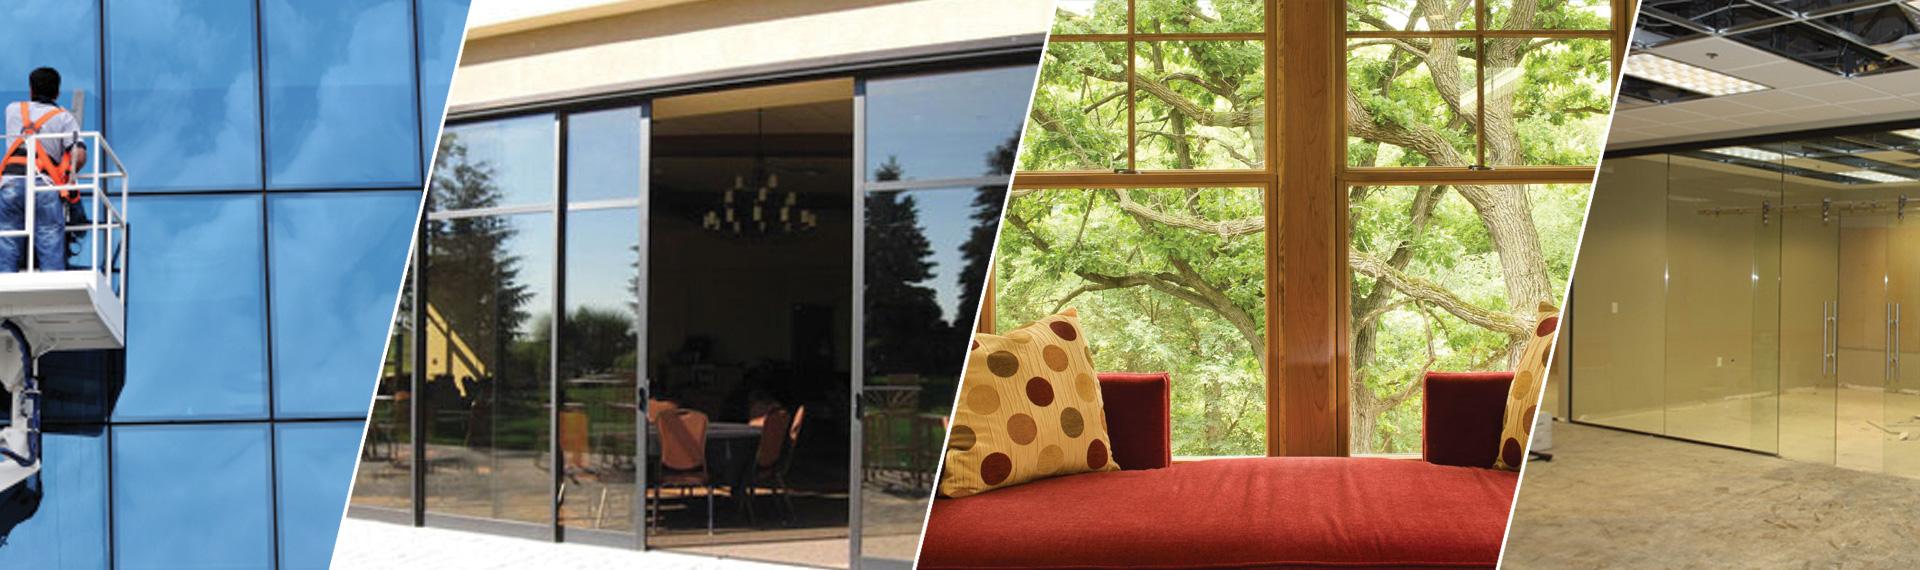 Vitro Glass and Window Repair Bethesda MD